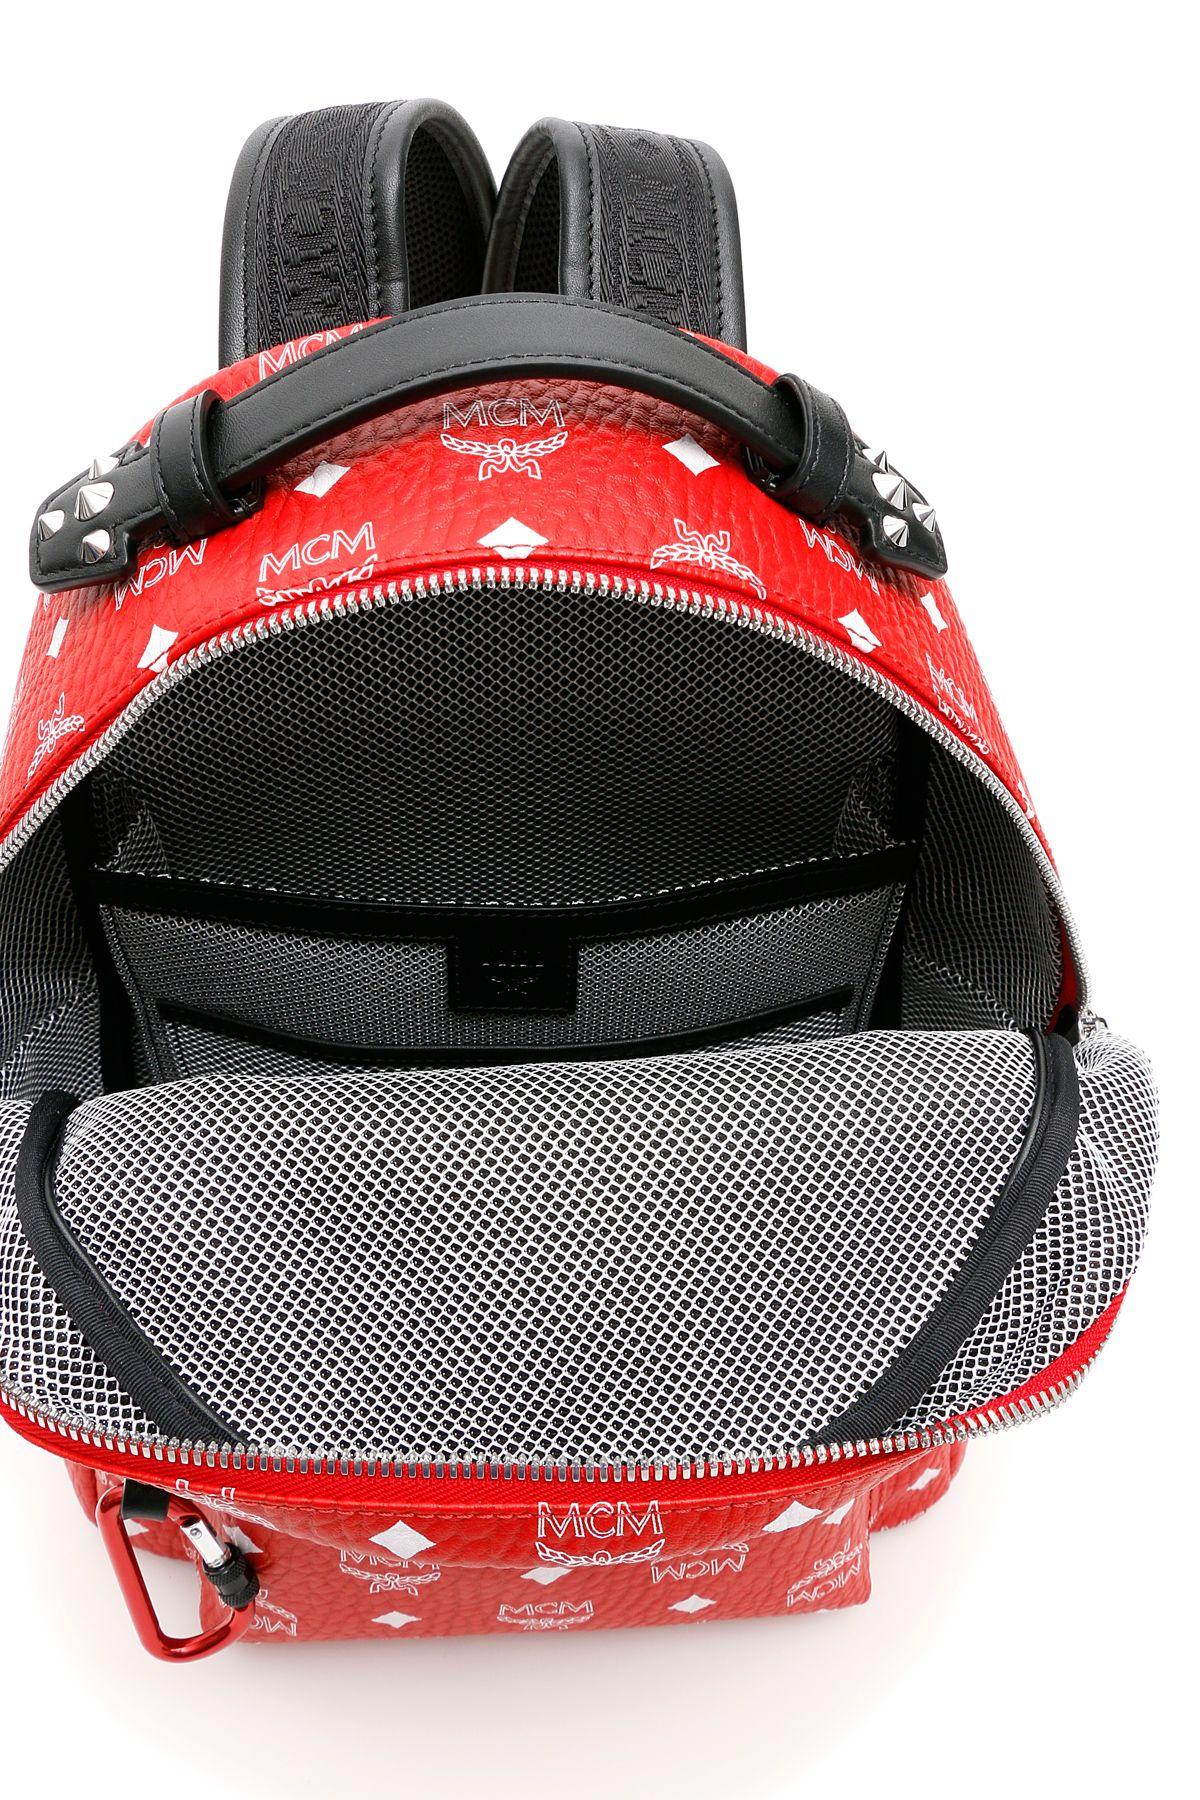 49b1bf851 ... MCM Visetos Stark Backpack - WHITE LOGO VIVA RED (Red) ...